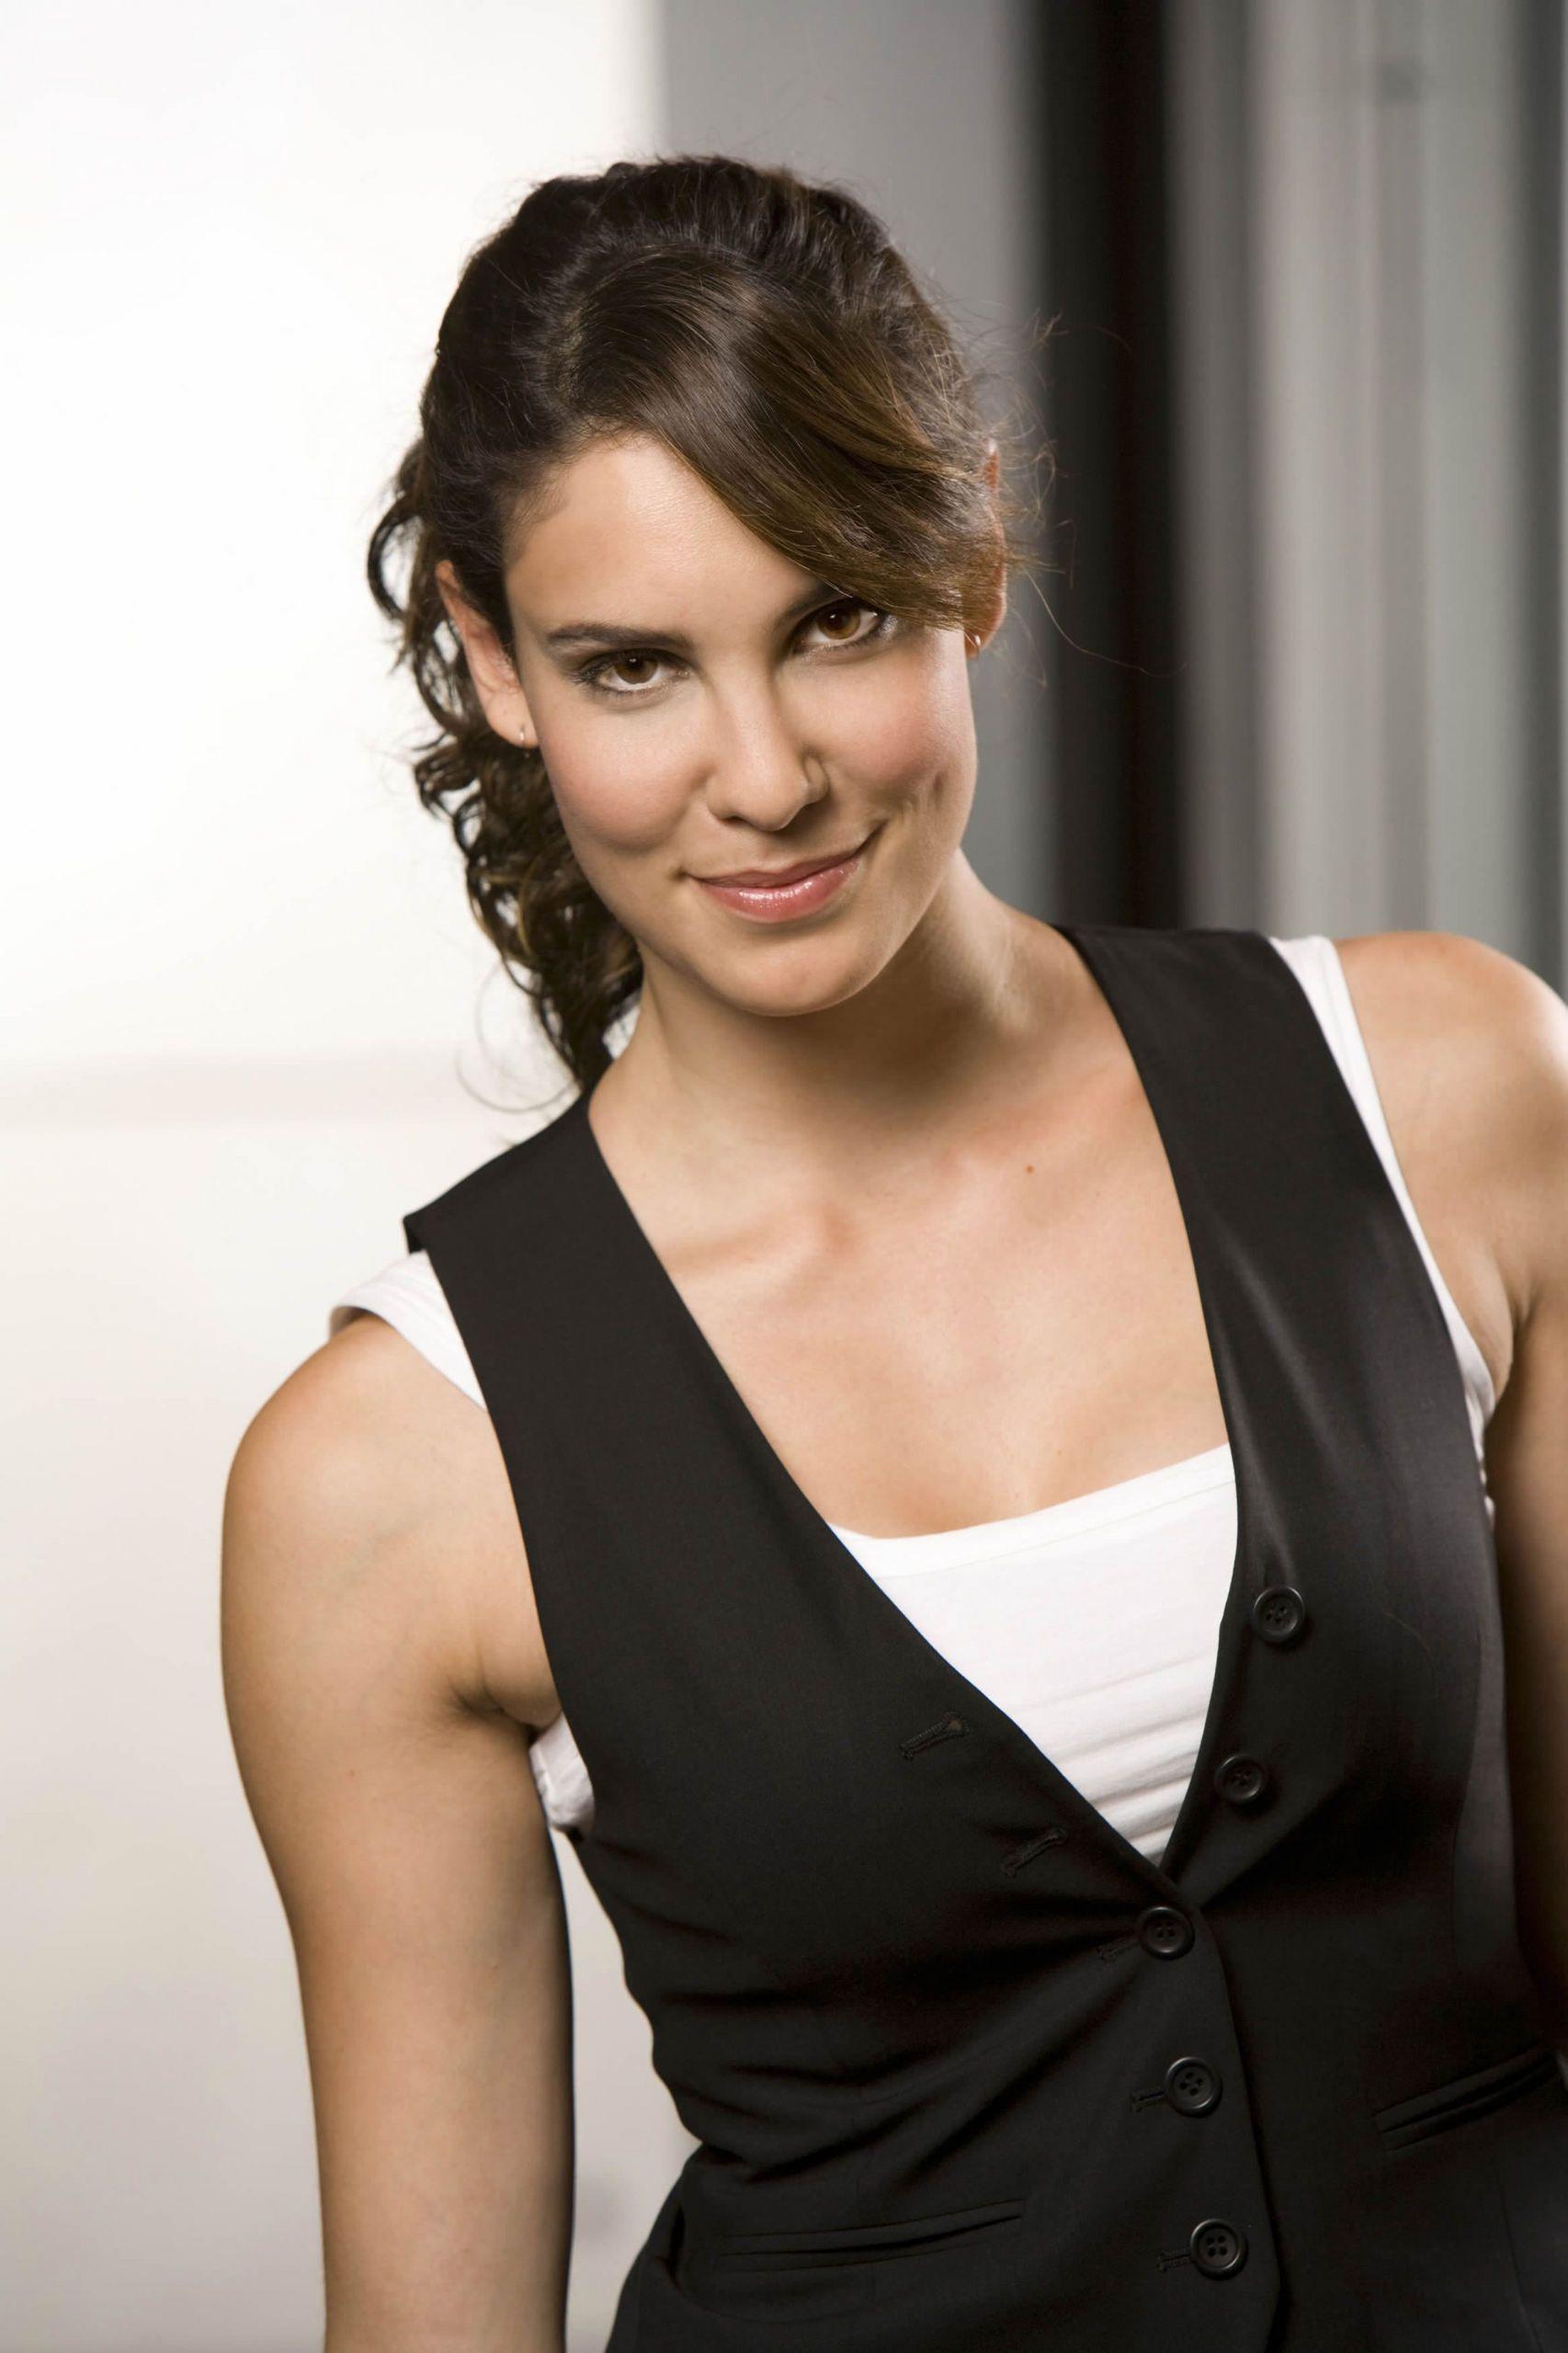 Ileana Padilla